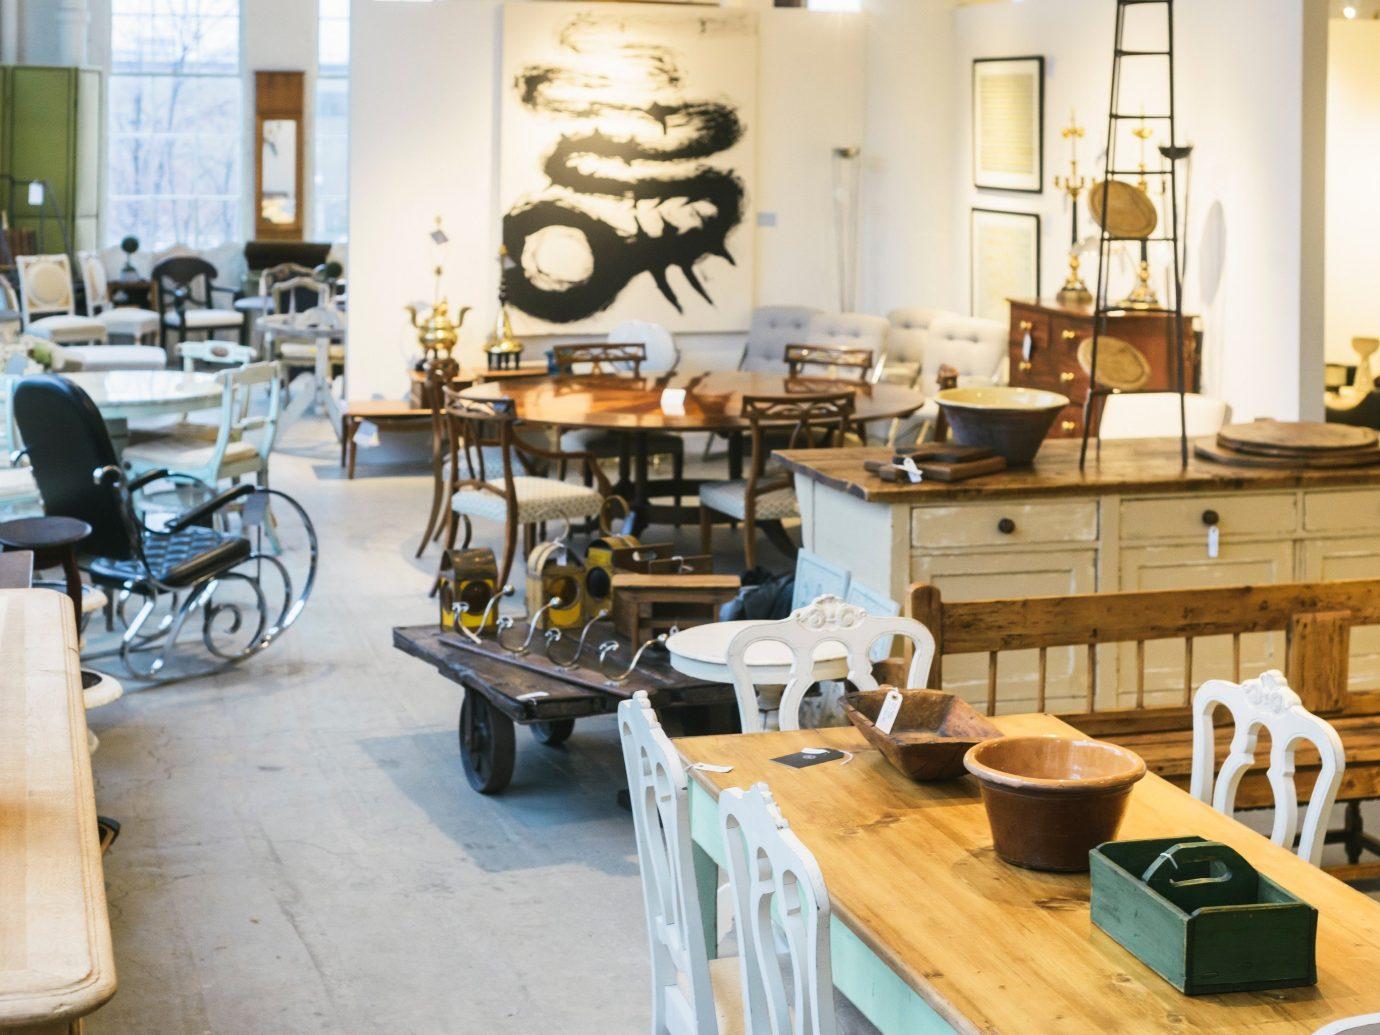 Summer Series indoor floor room home interior design estate wood Design restaurant living room cottage furniture cluttered